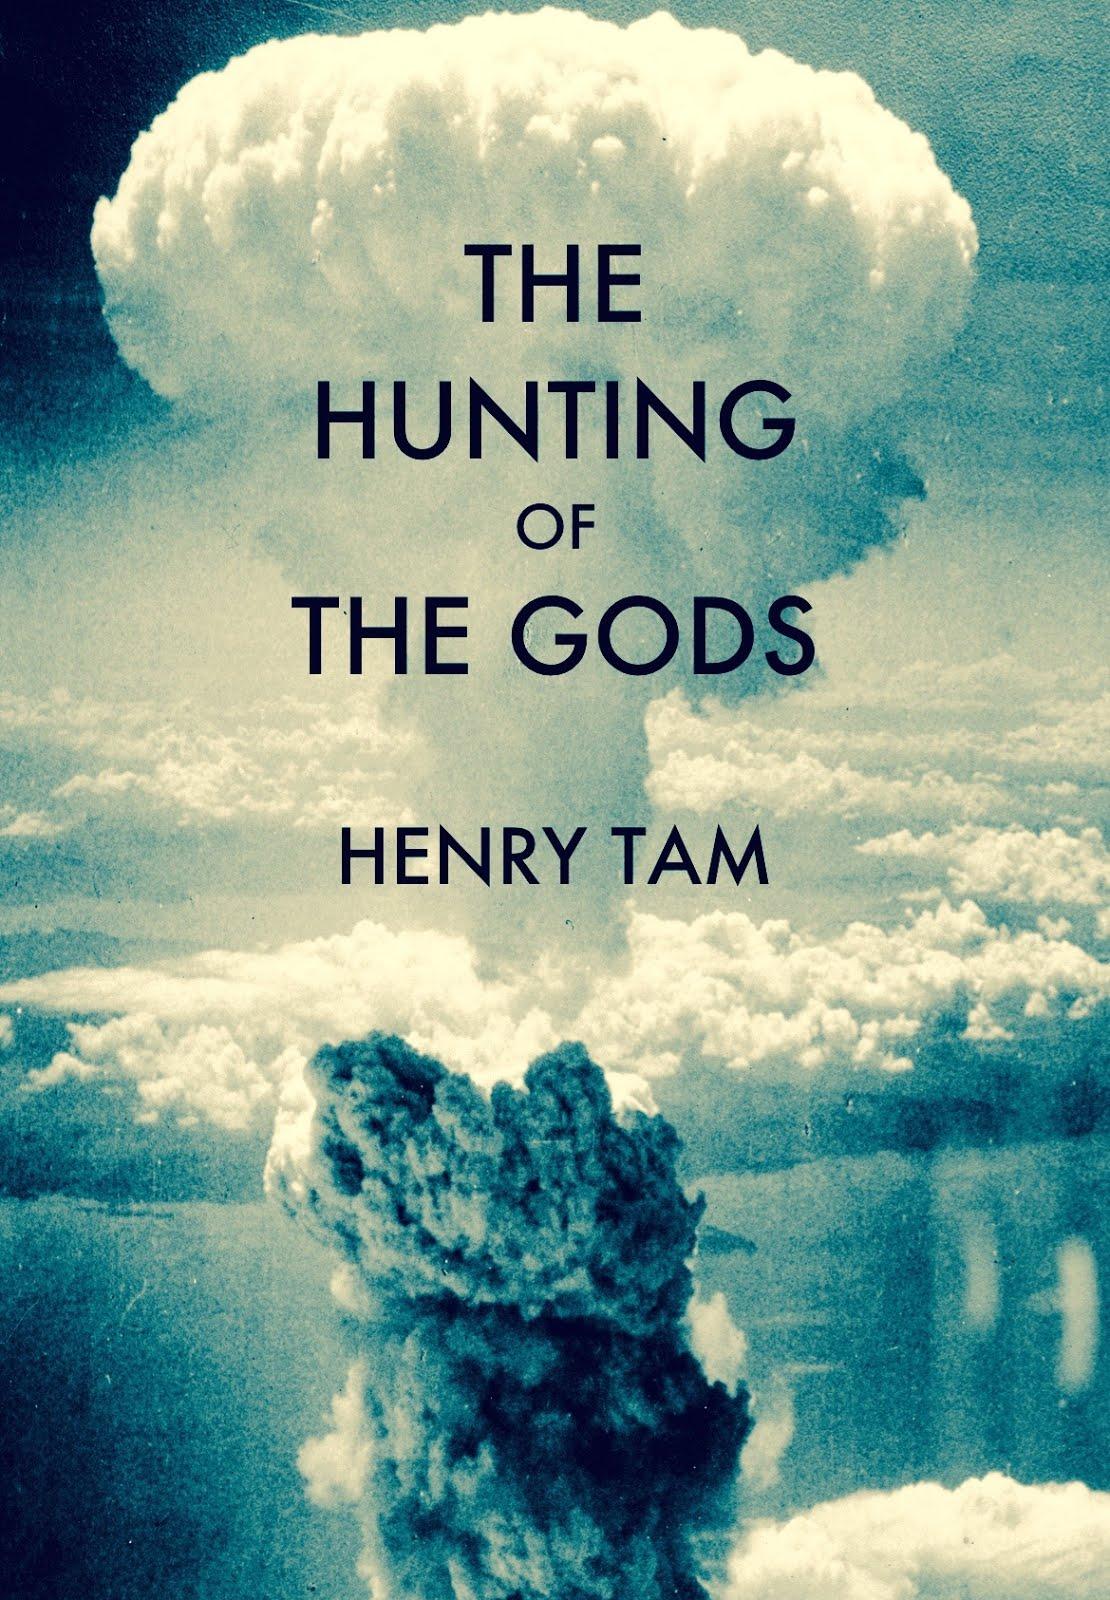 Henry Tam's New Novel